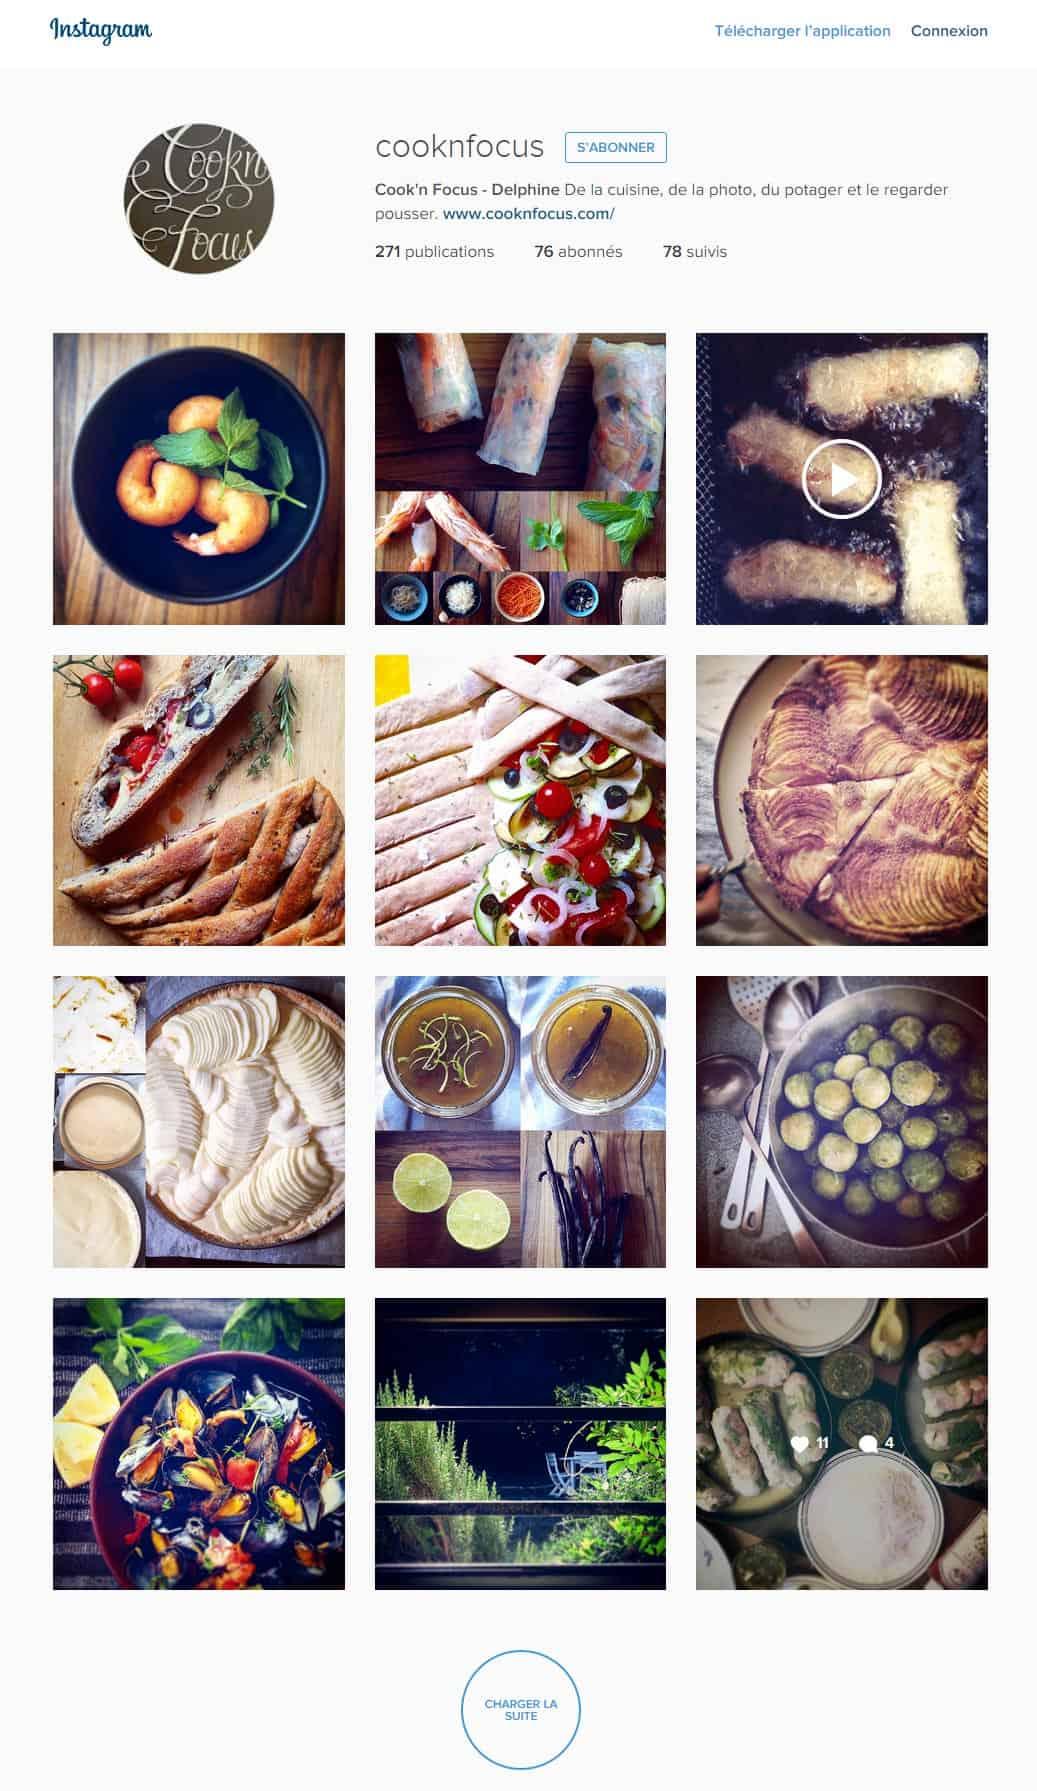 cnf_instagram